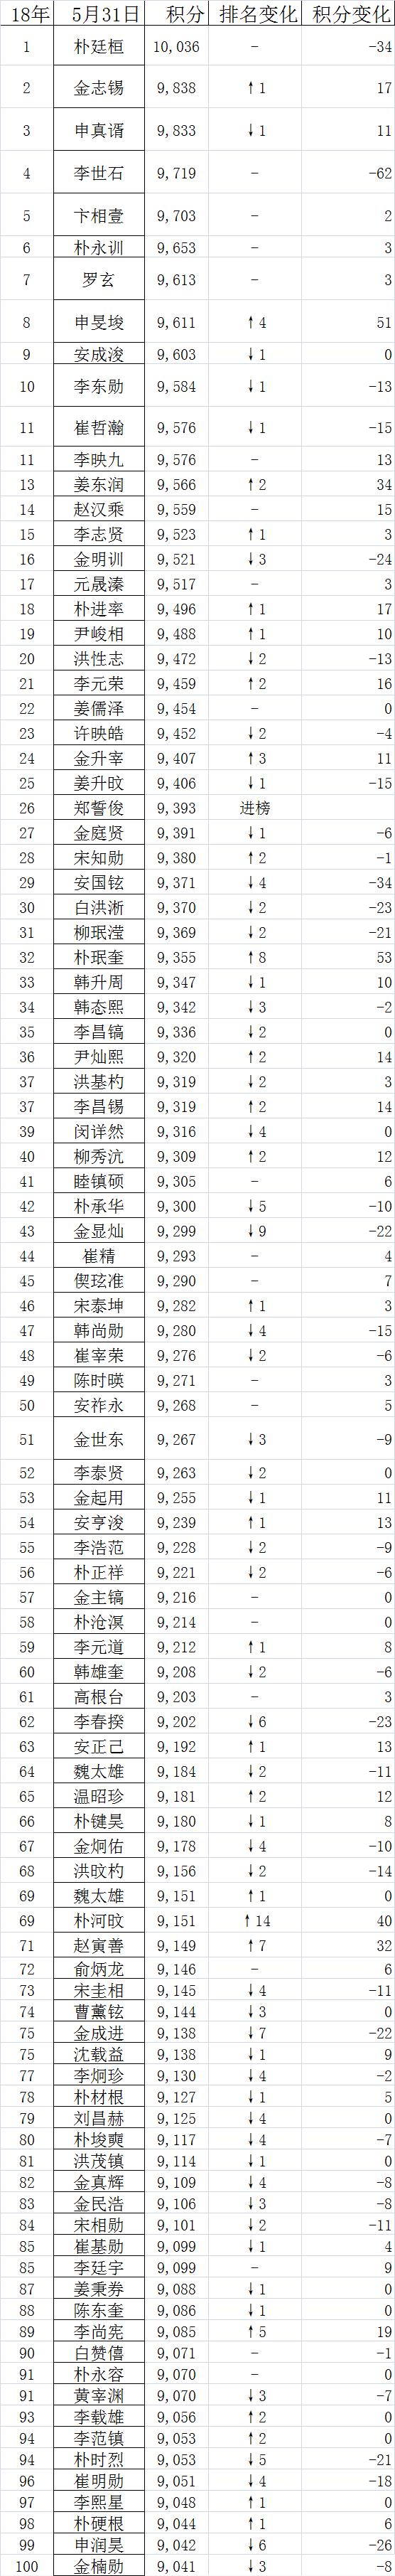 韩排行朴廷桓连续55个月领跑 金志锡重返第二